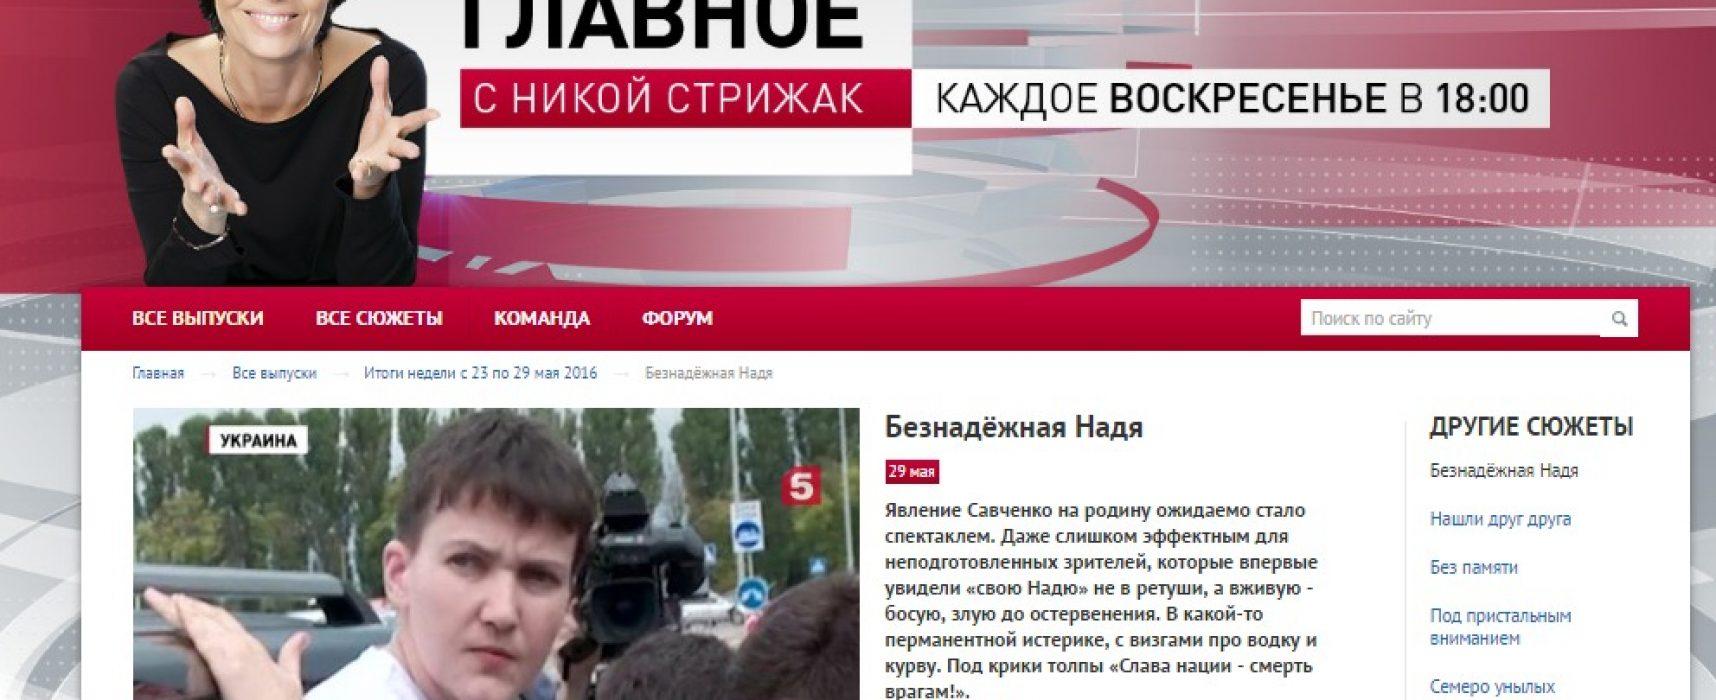 Российский «Пятый канал» солгал о помиловании Александрова и Ерофеева